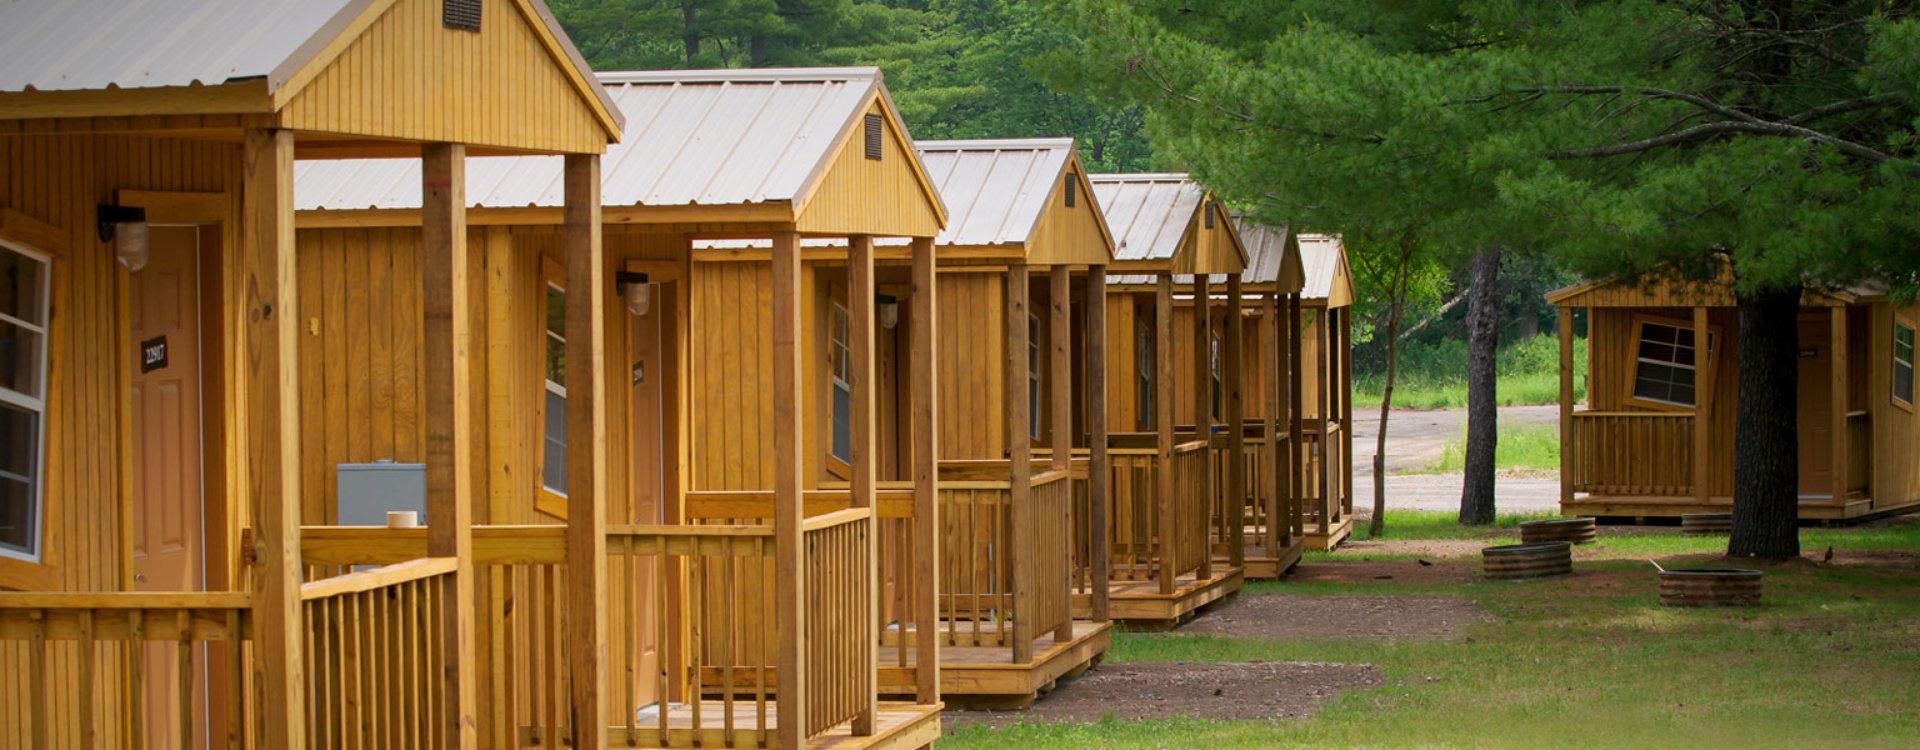 Mto Camp